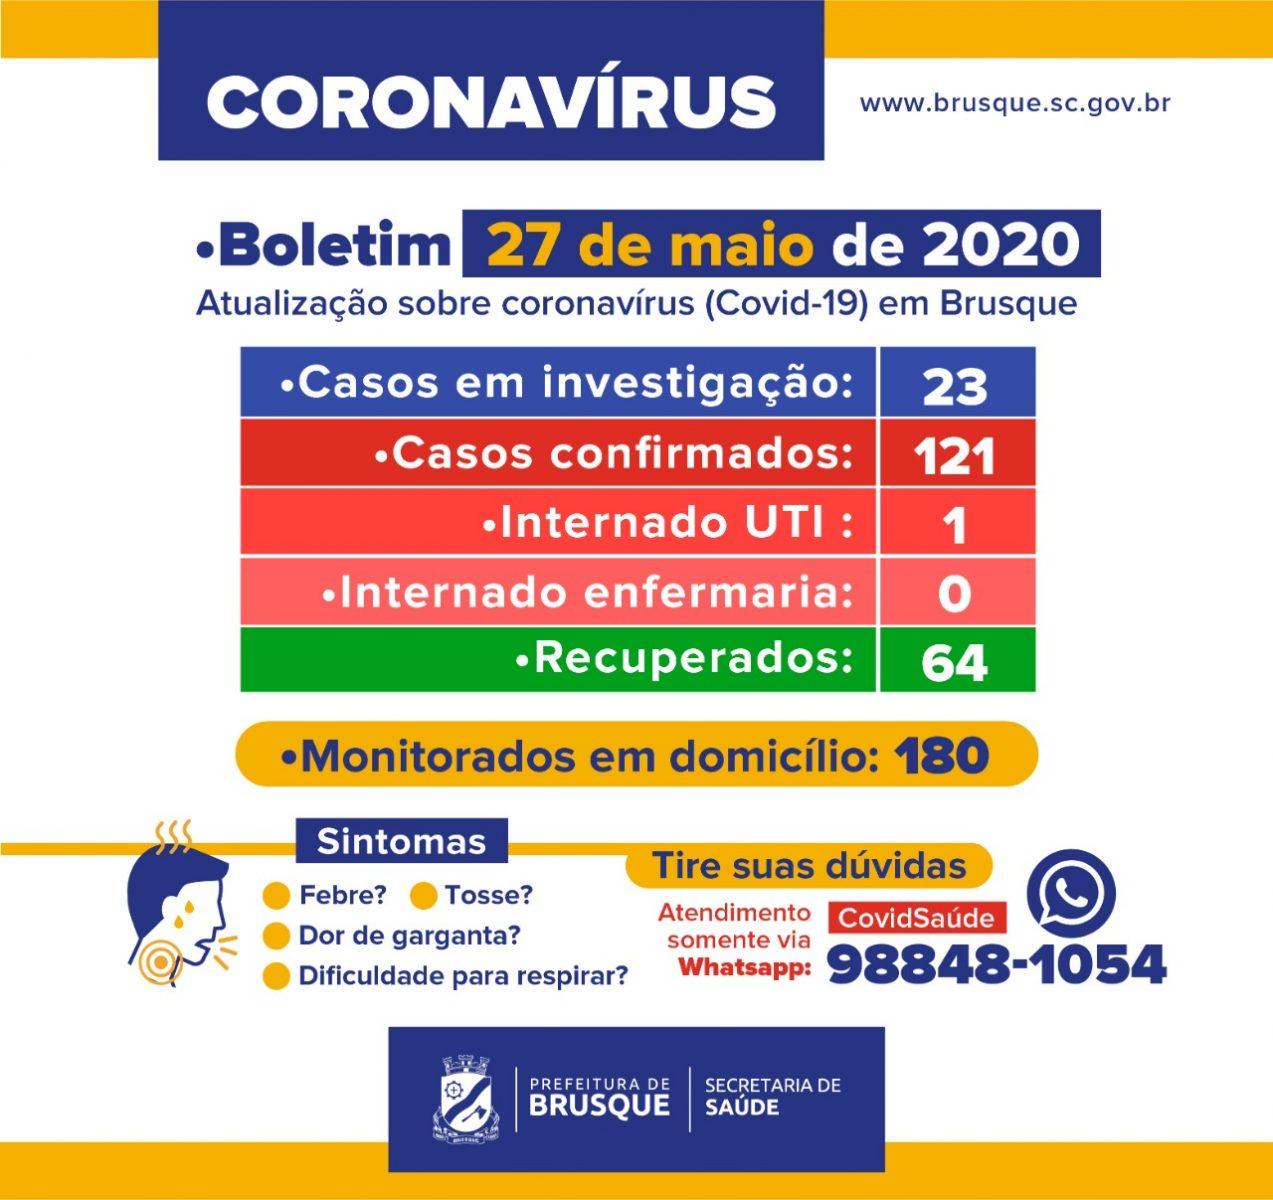 Sobe para 121 o número de casos de Covid-19 em Brusque